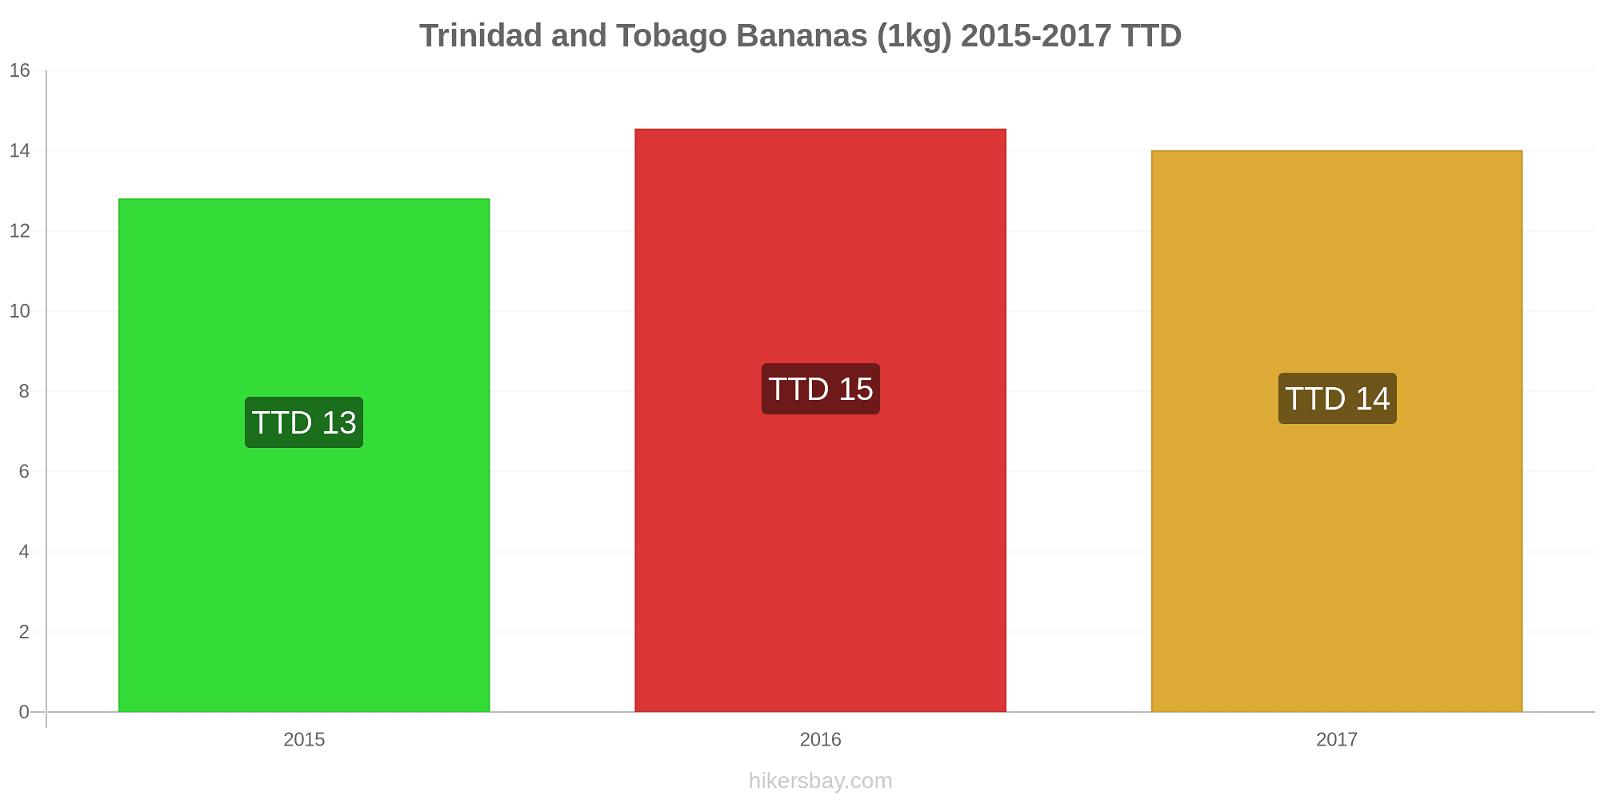 Trinidad and Tobago price changes Bananas (1kg) hikersbay.com